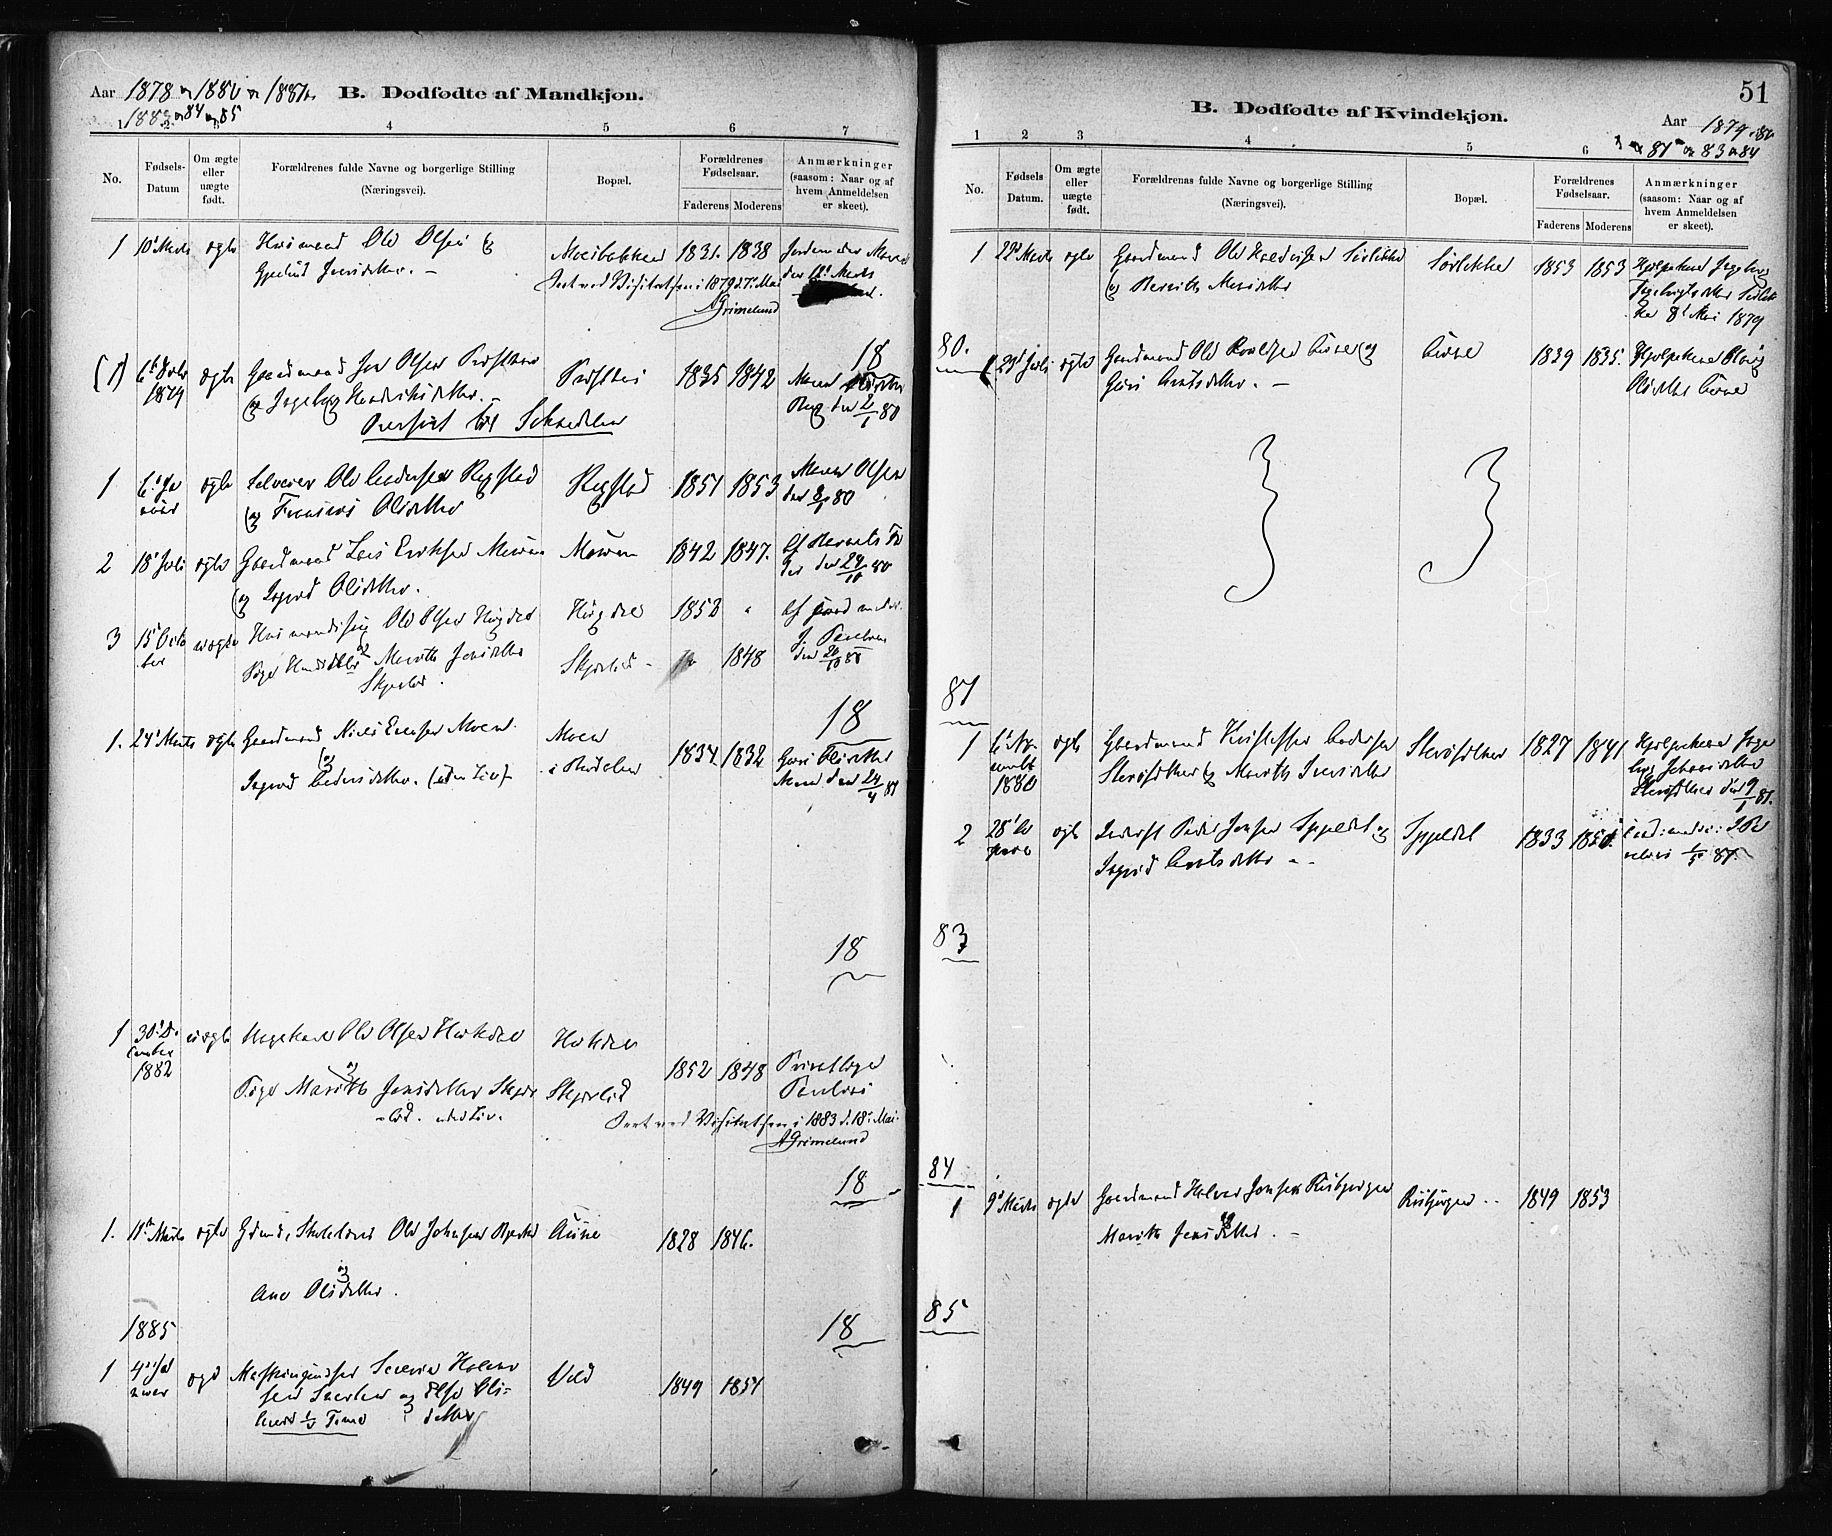 SAT, Ministerialprotokoller, klokkerbøker og fødselsregistre - Sør-Trøndelag, 687/L1002: Ministerialbok nr. 687A08, 1878-1890, s. 51